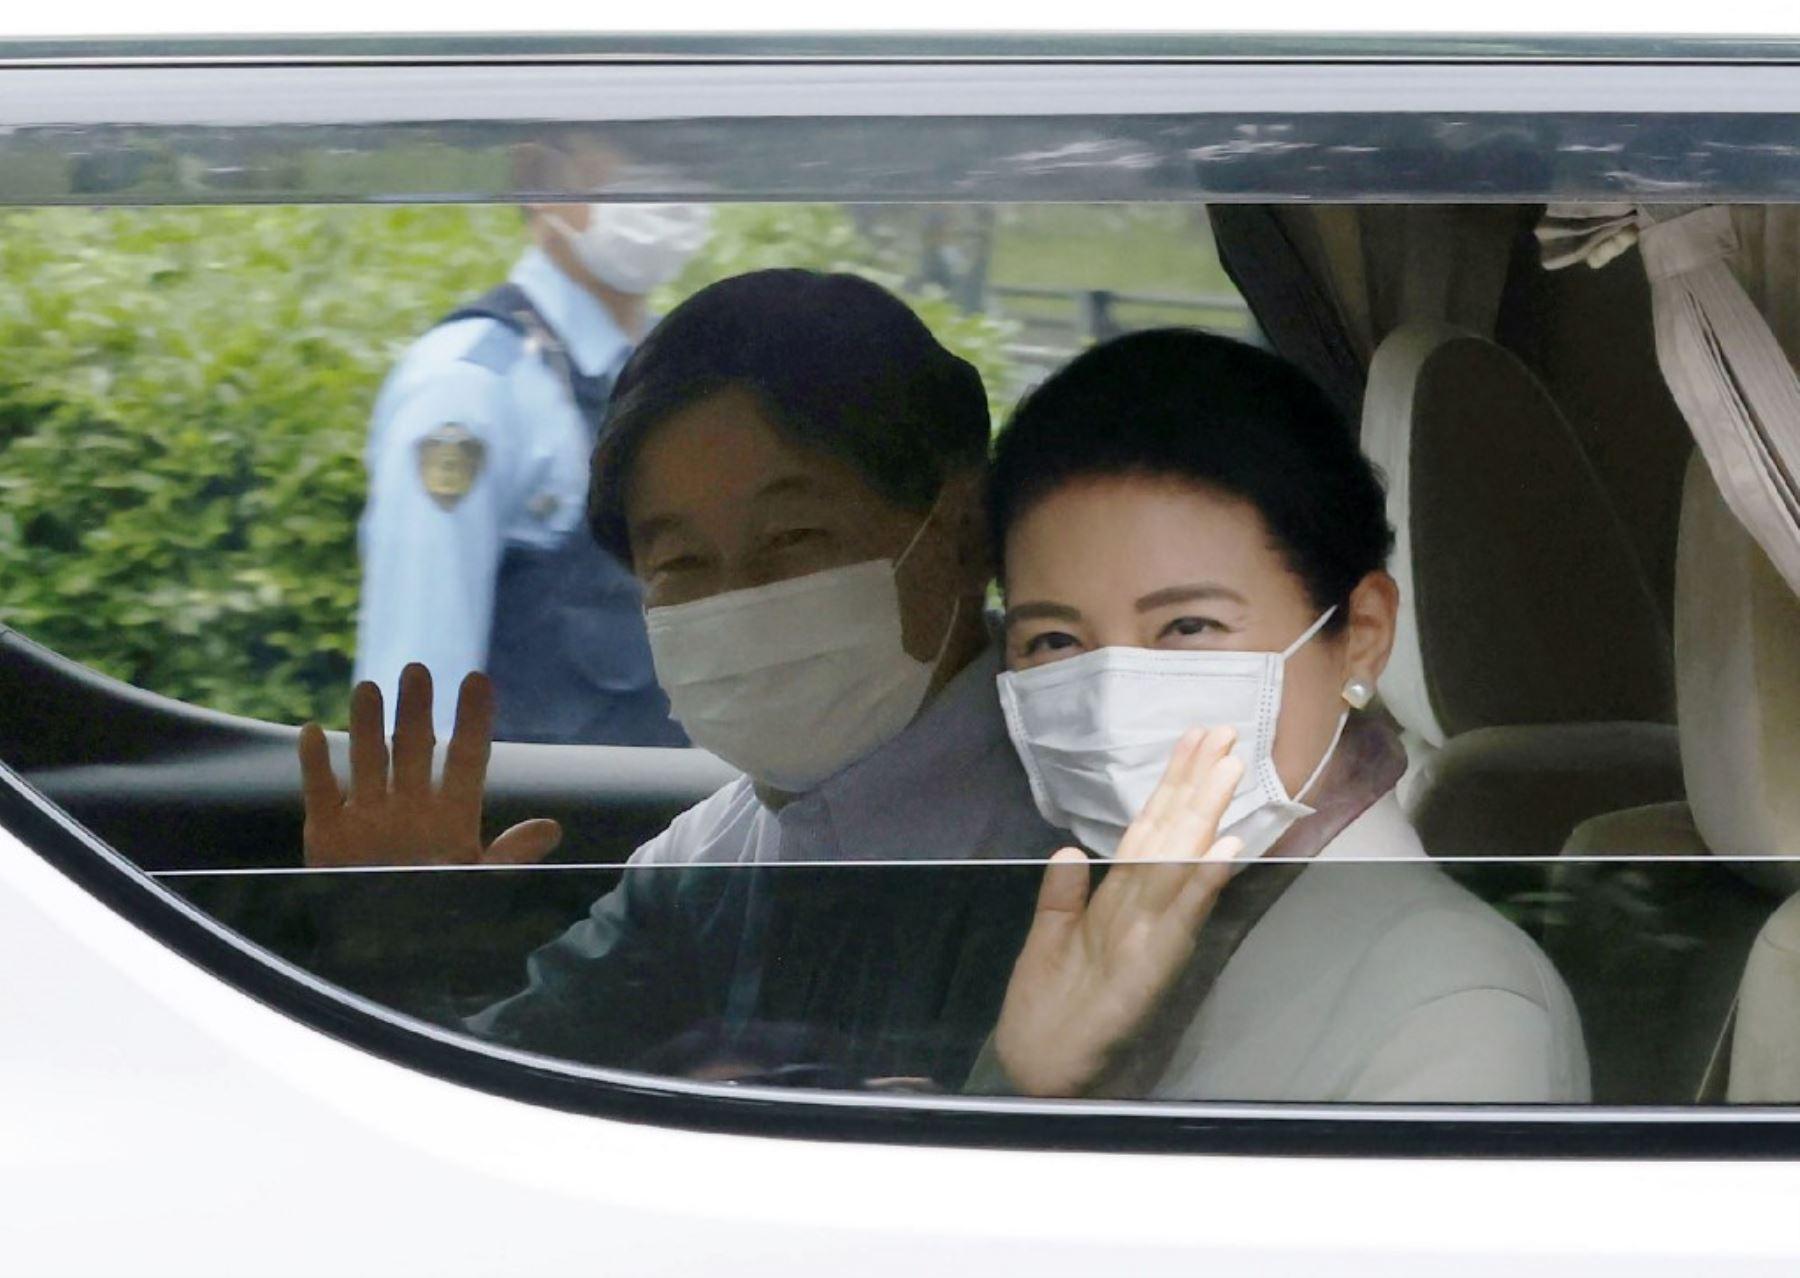 El emperador japonés Naruhito y la emperatriz Masako, con máscaras faciales en medio de la preocupación por la propagación del coronavirus (COVID-19), llegan al Palacio Imperial de Tokio. Foto: AFP